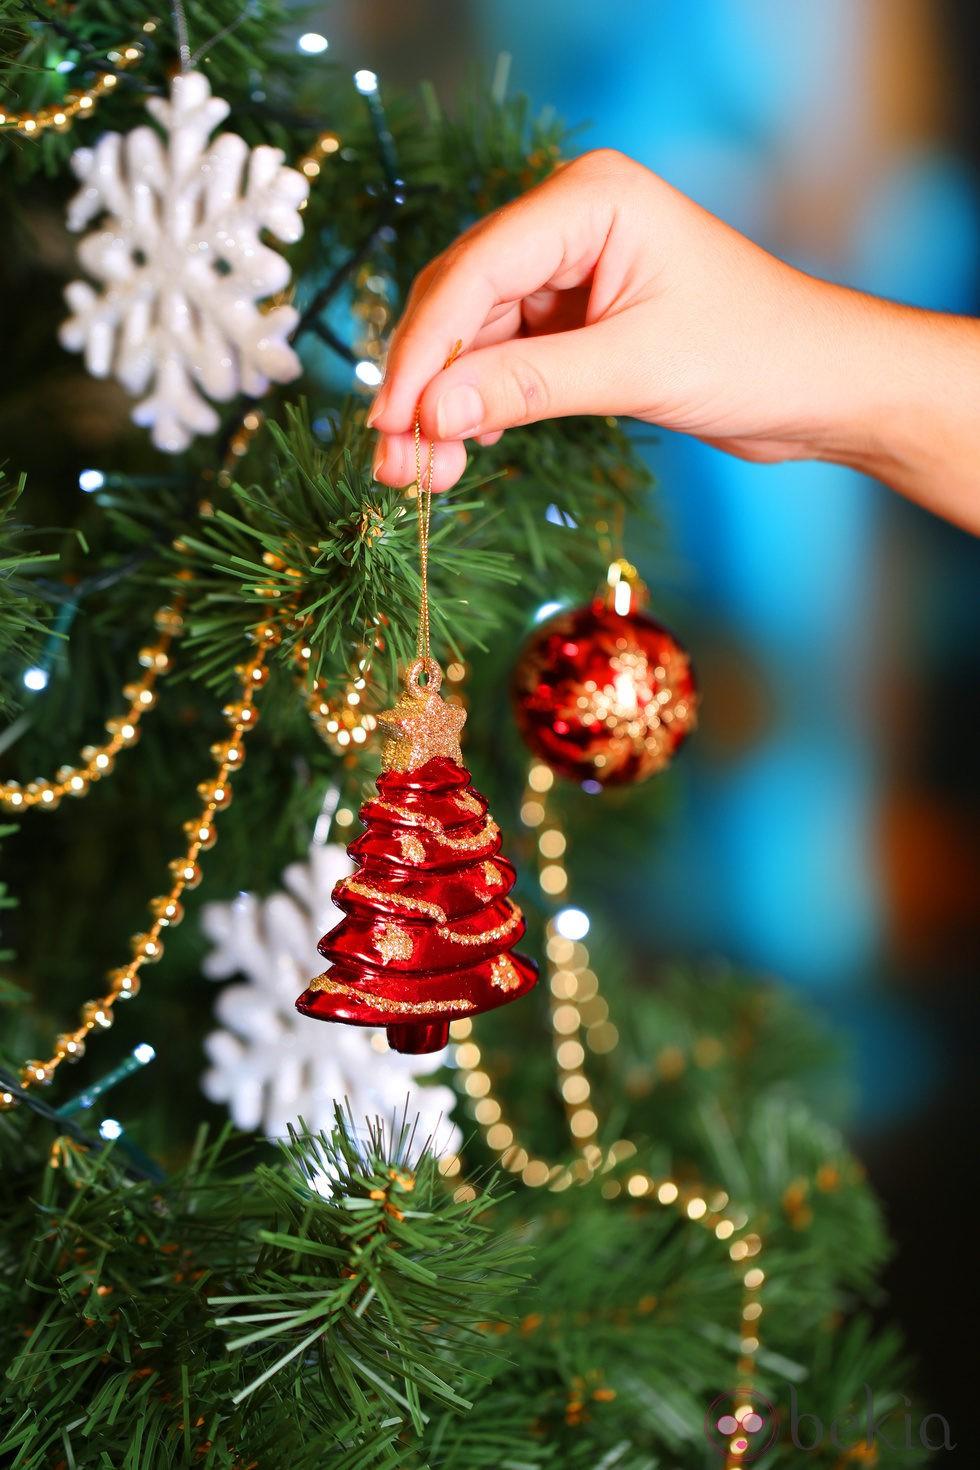 Figuritas de arboles imagui for Imagenes de arbolitos de navidad adornados